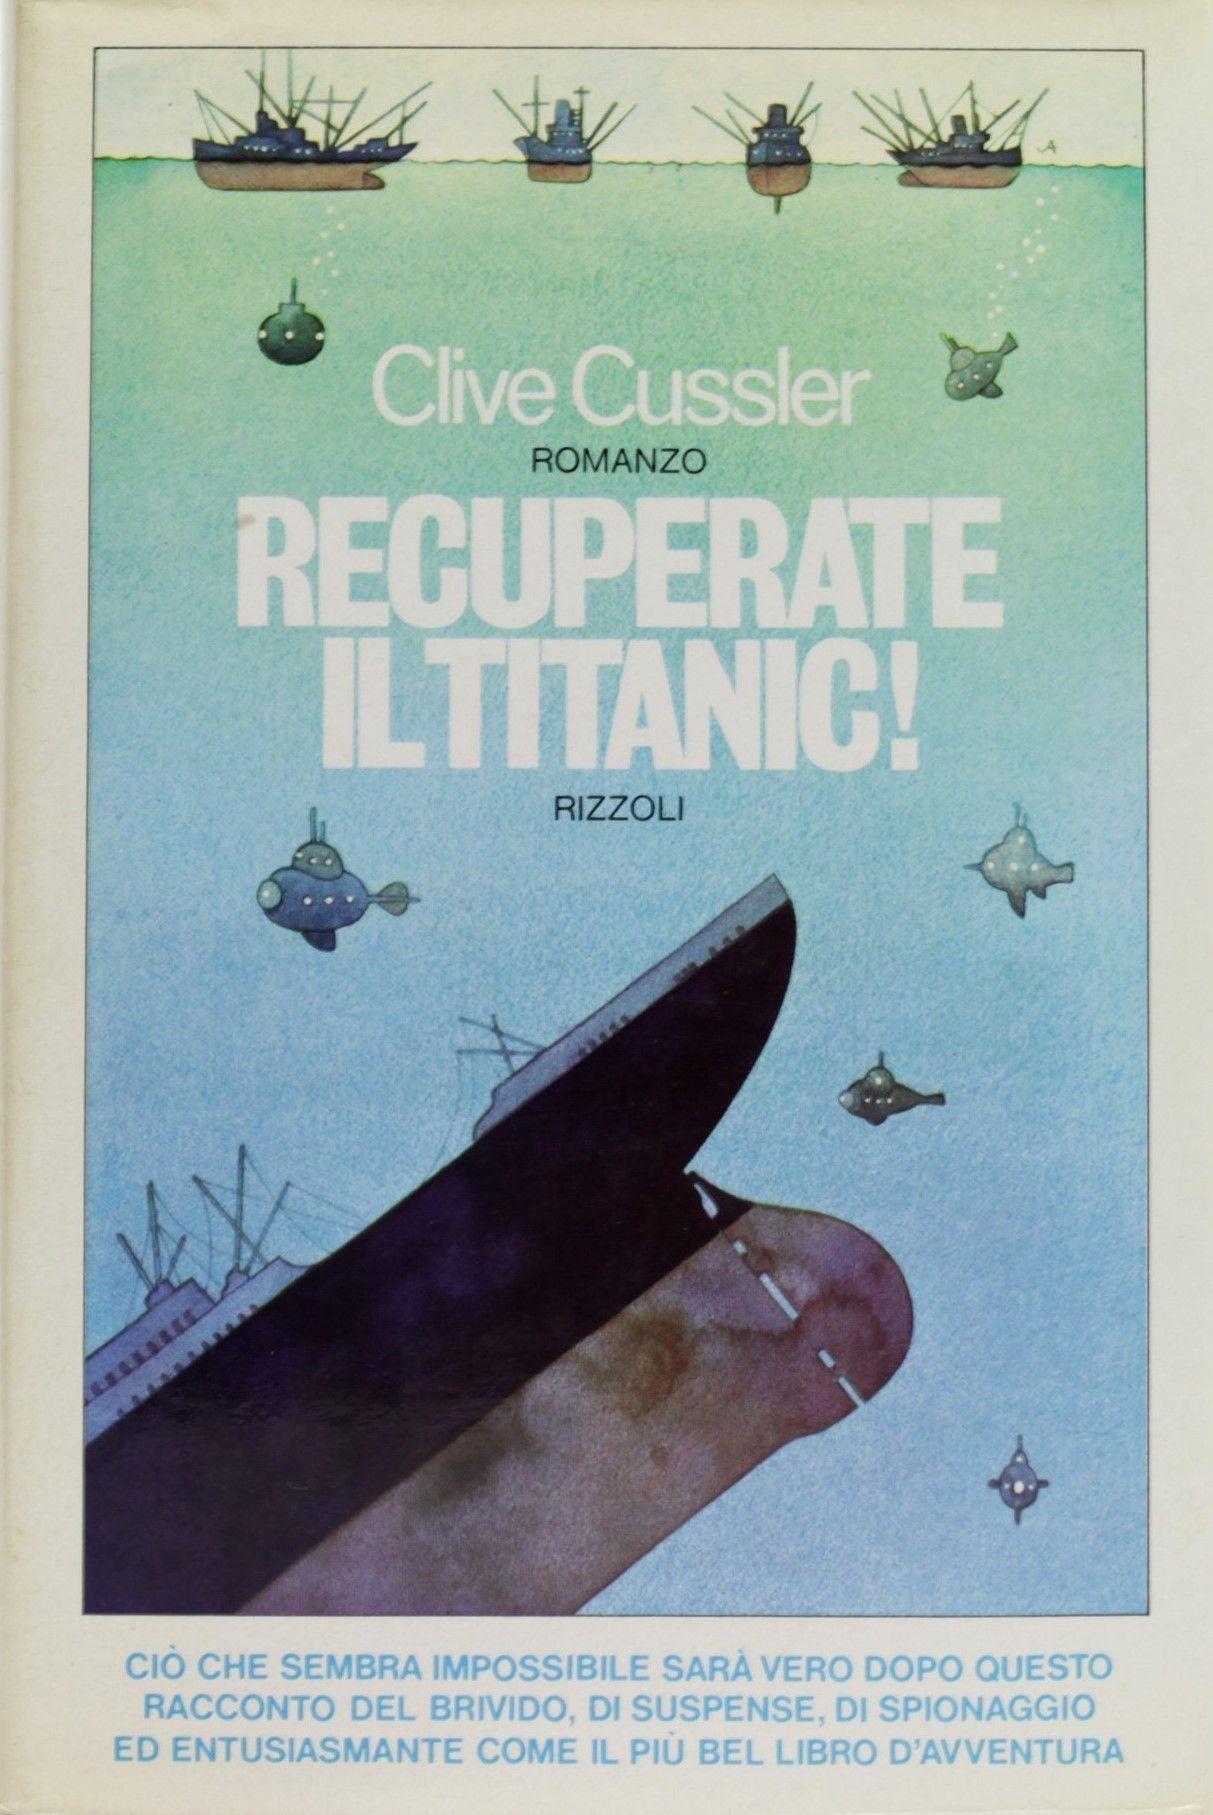 È scomparso Clive Cussler: che faranno adesso le sue prime edizioni?